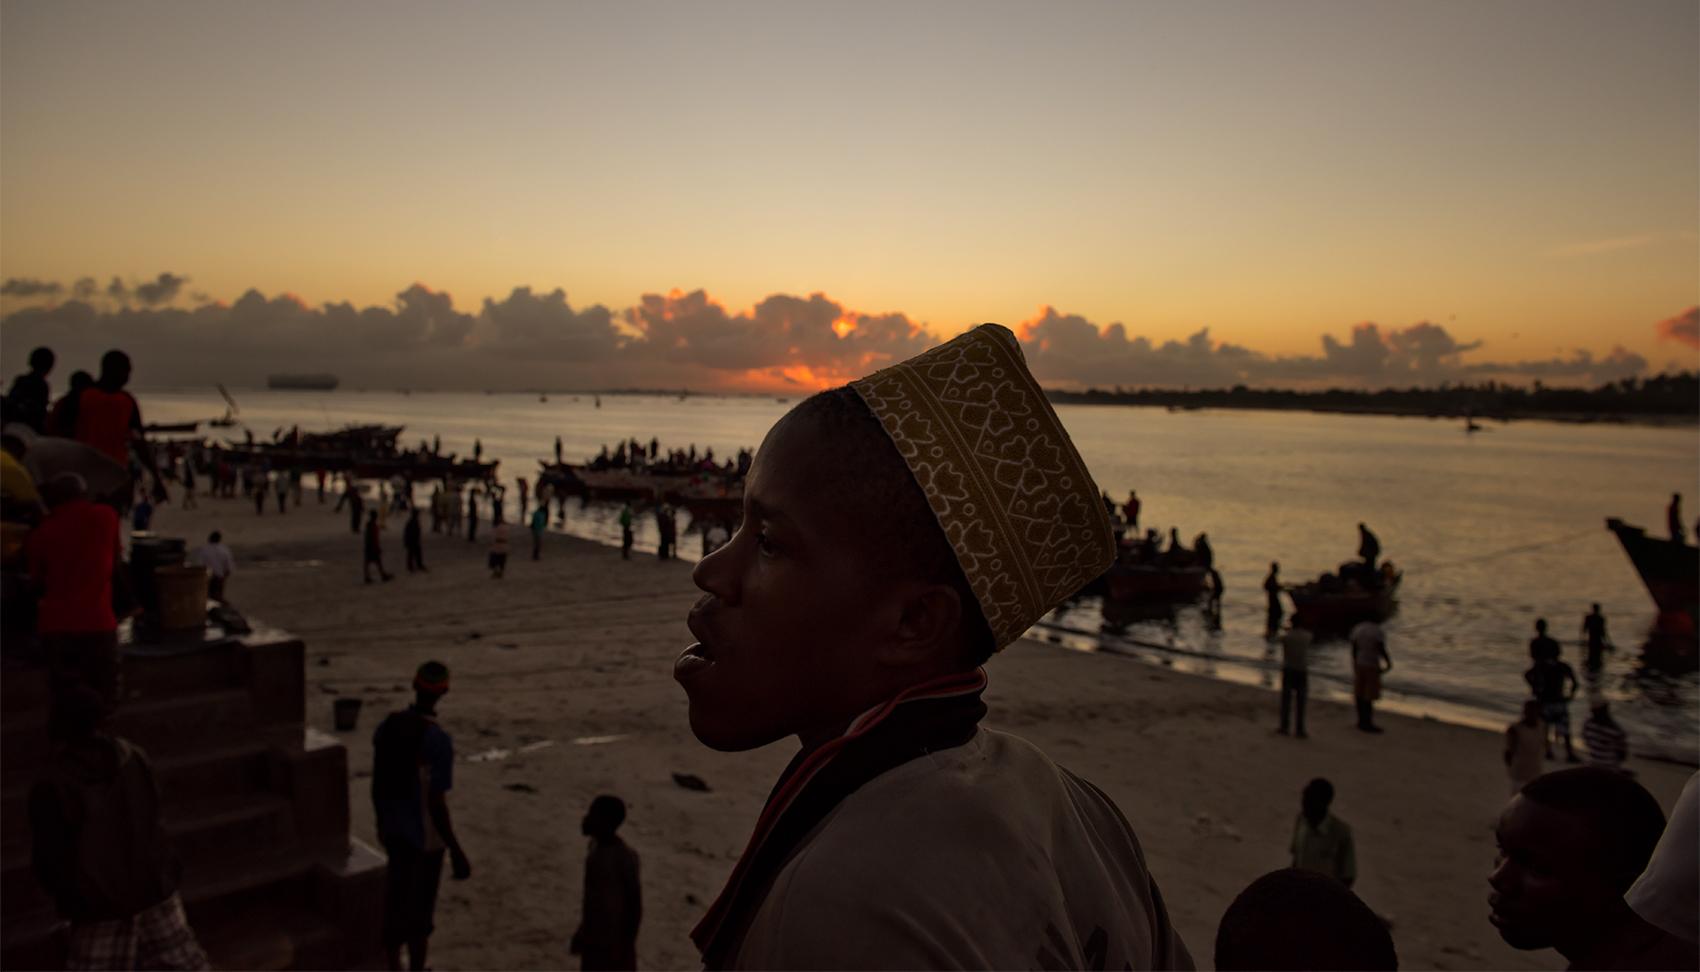 Boy at the shore, Dar Es Salaam